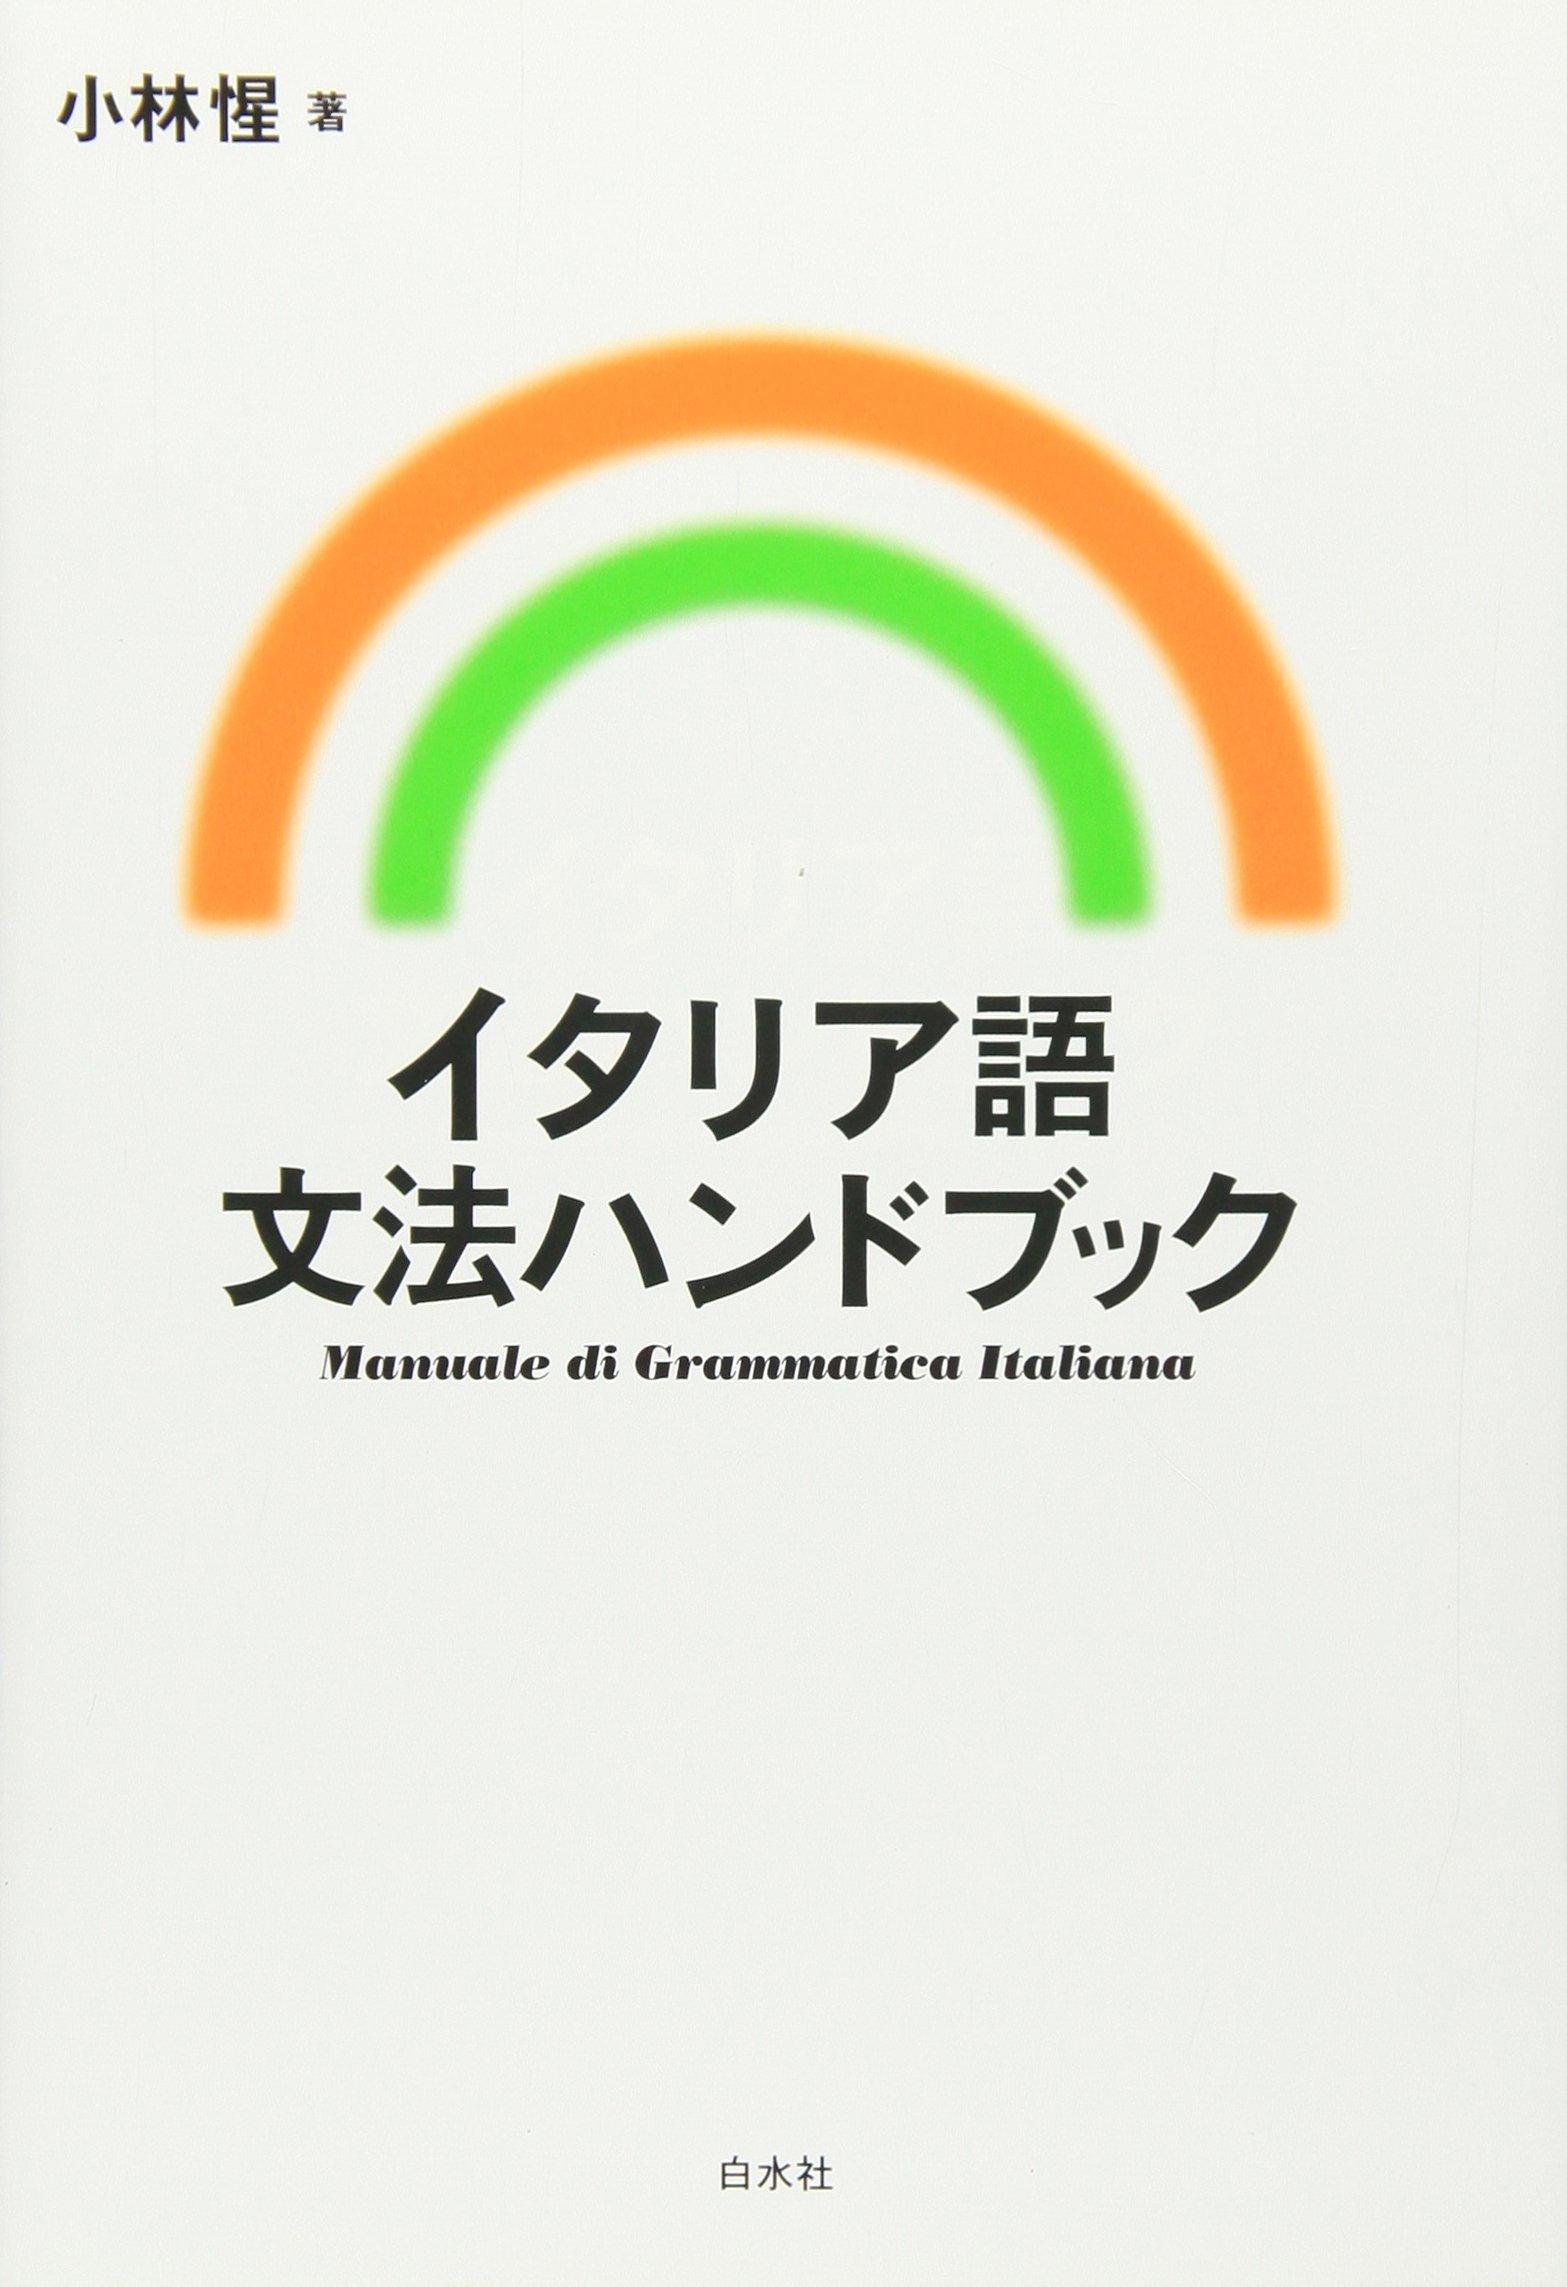 Itariago bunpō handobukku ebook